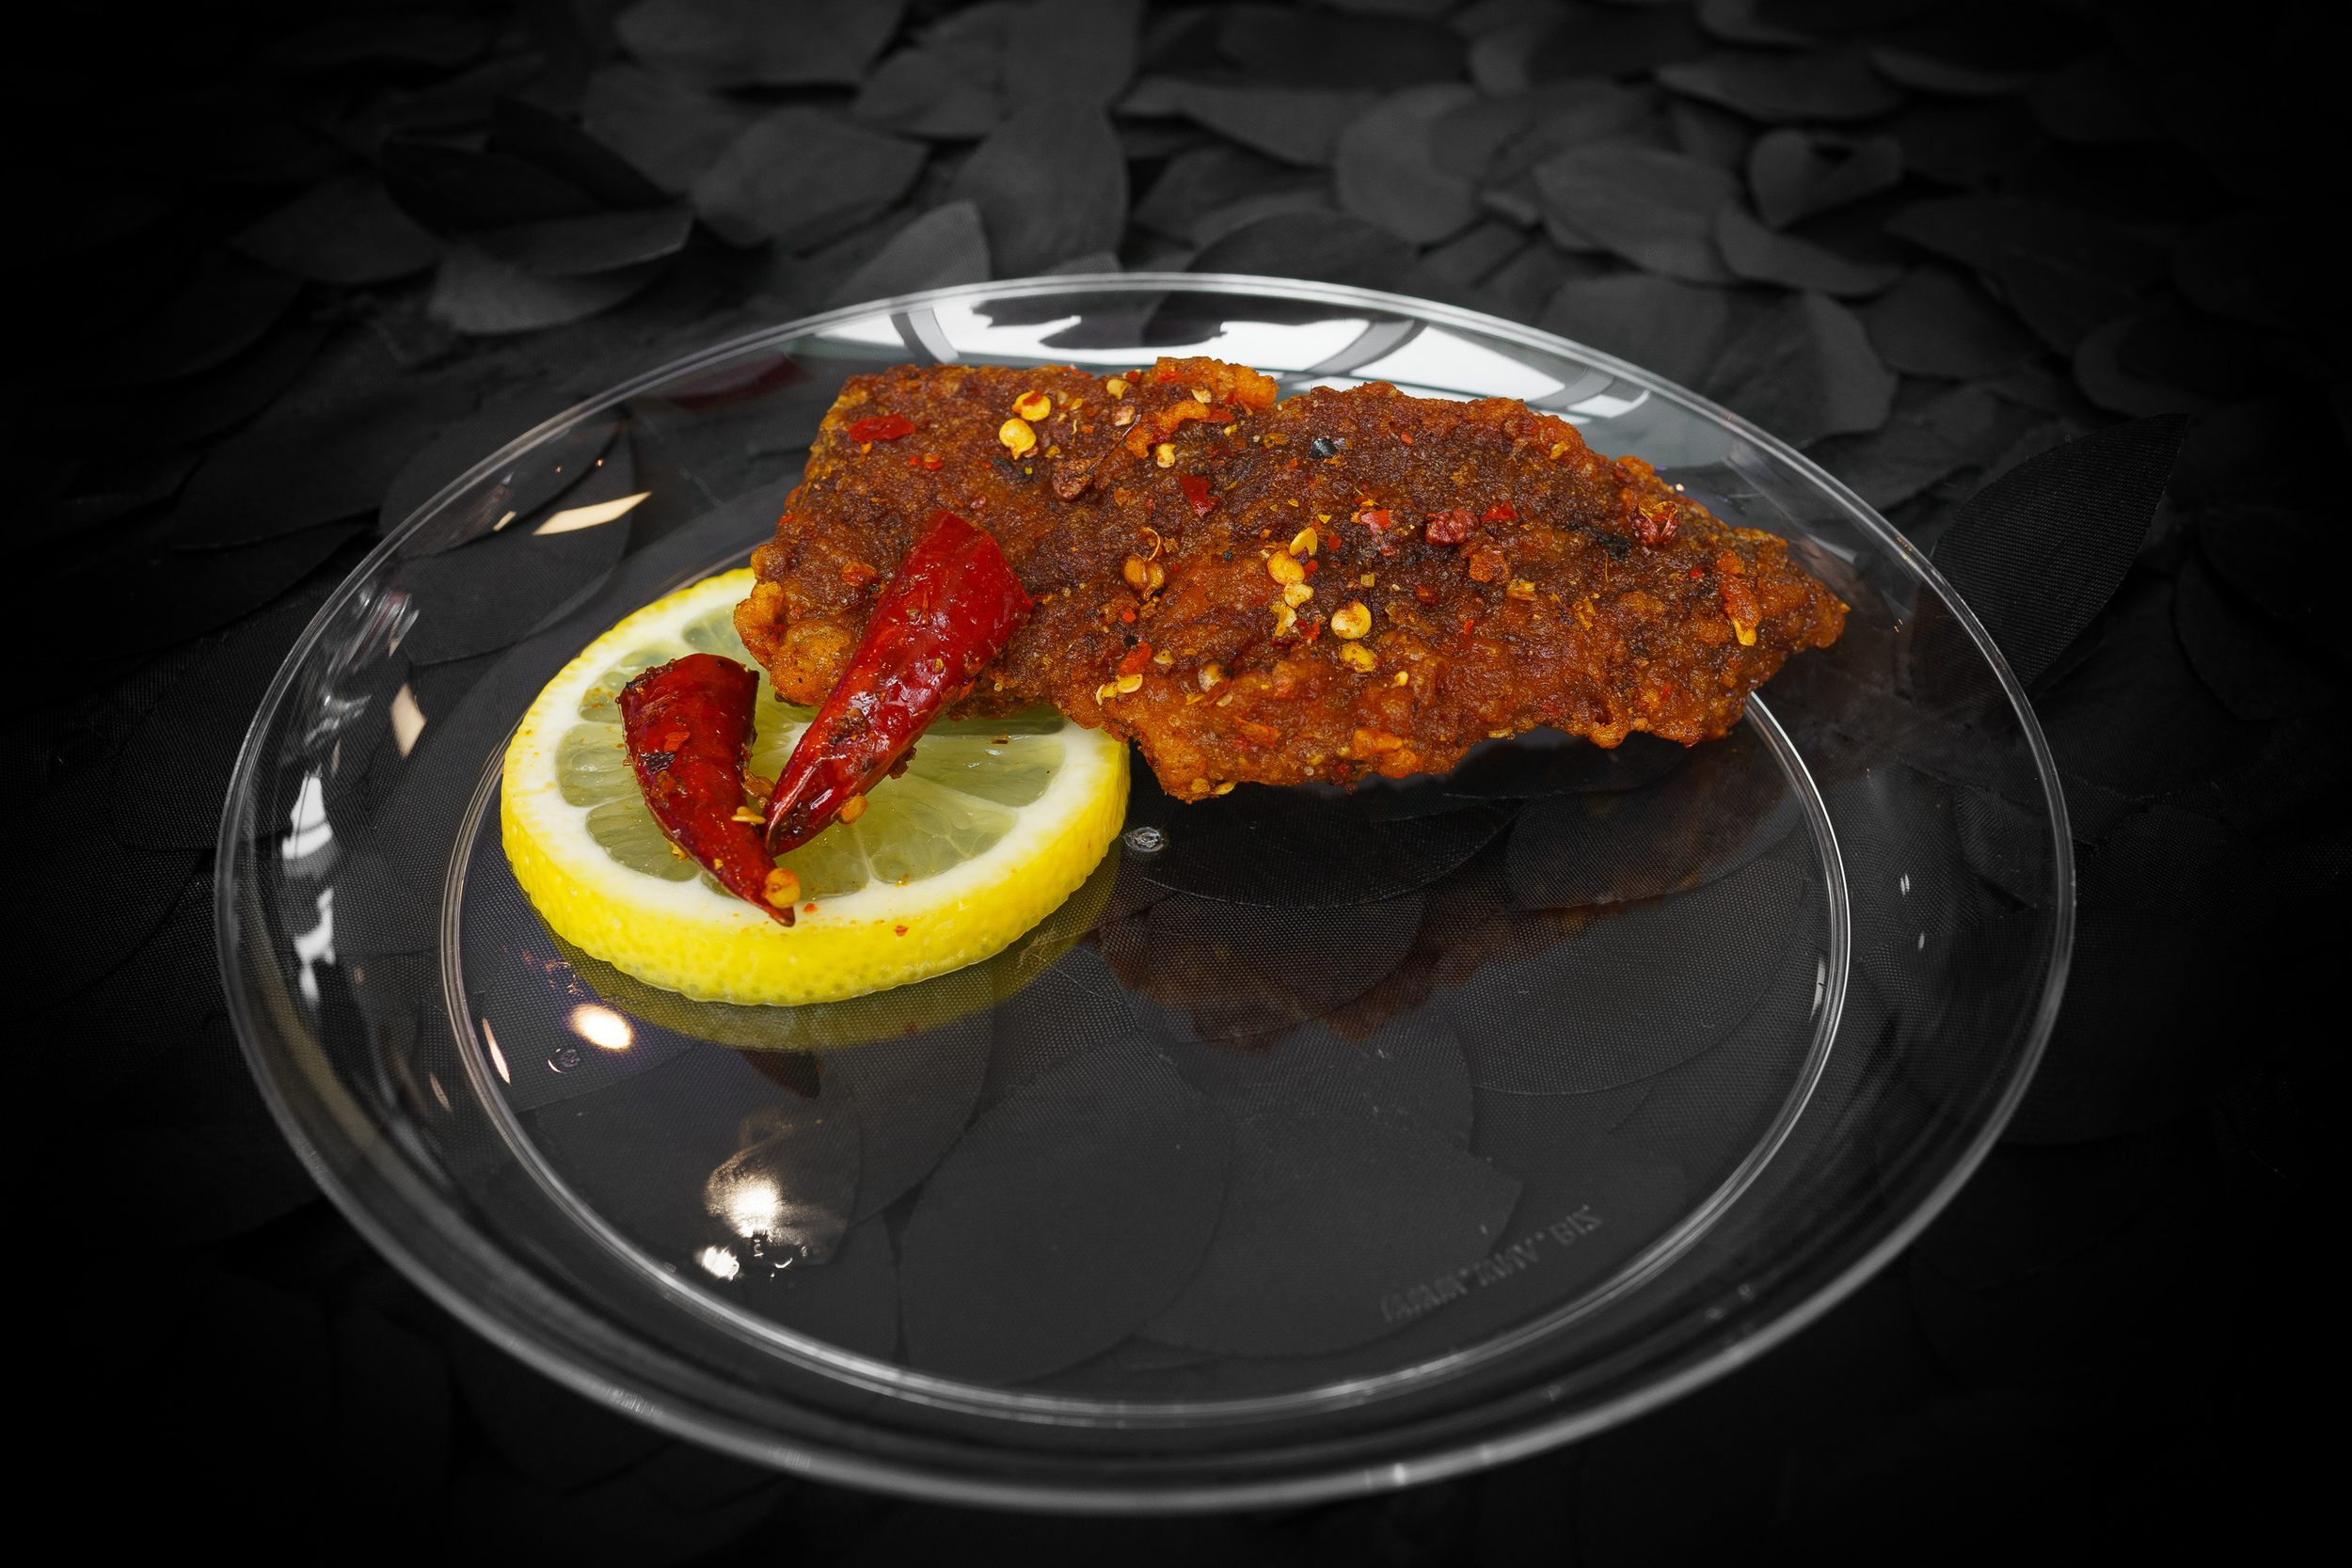 Mala Sichuan - Mala flank steak